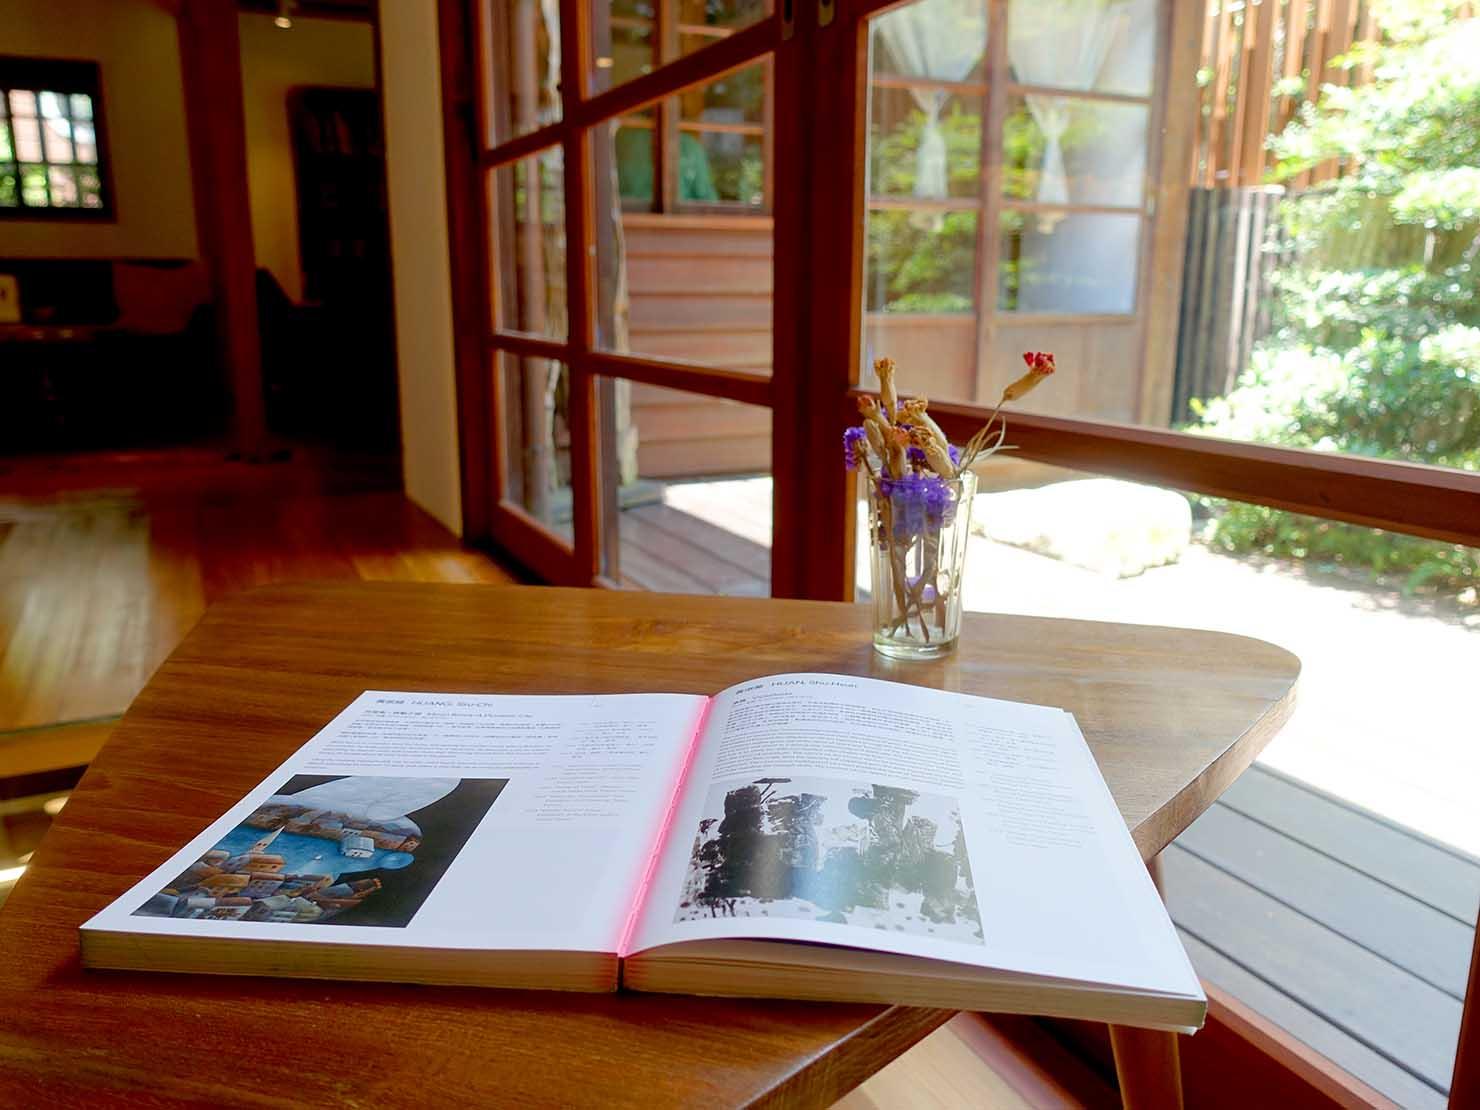 台北の街に佇む日本式古民家の図書館「文房 Chapter」の縁側で読書